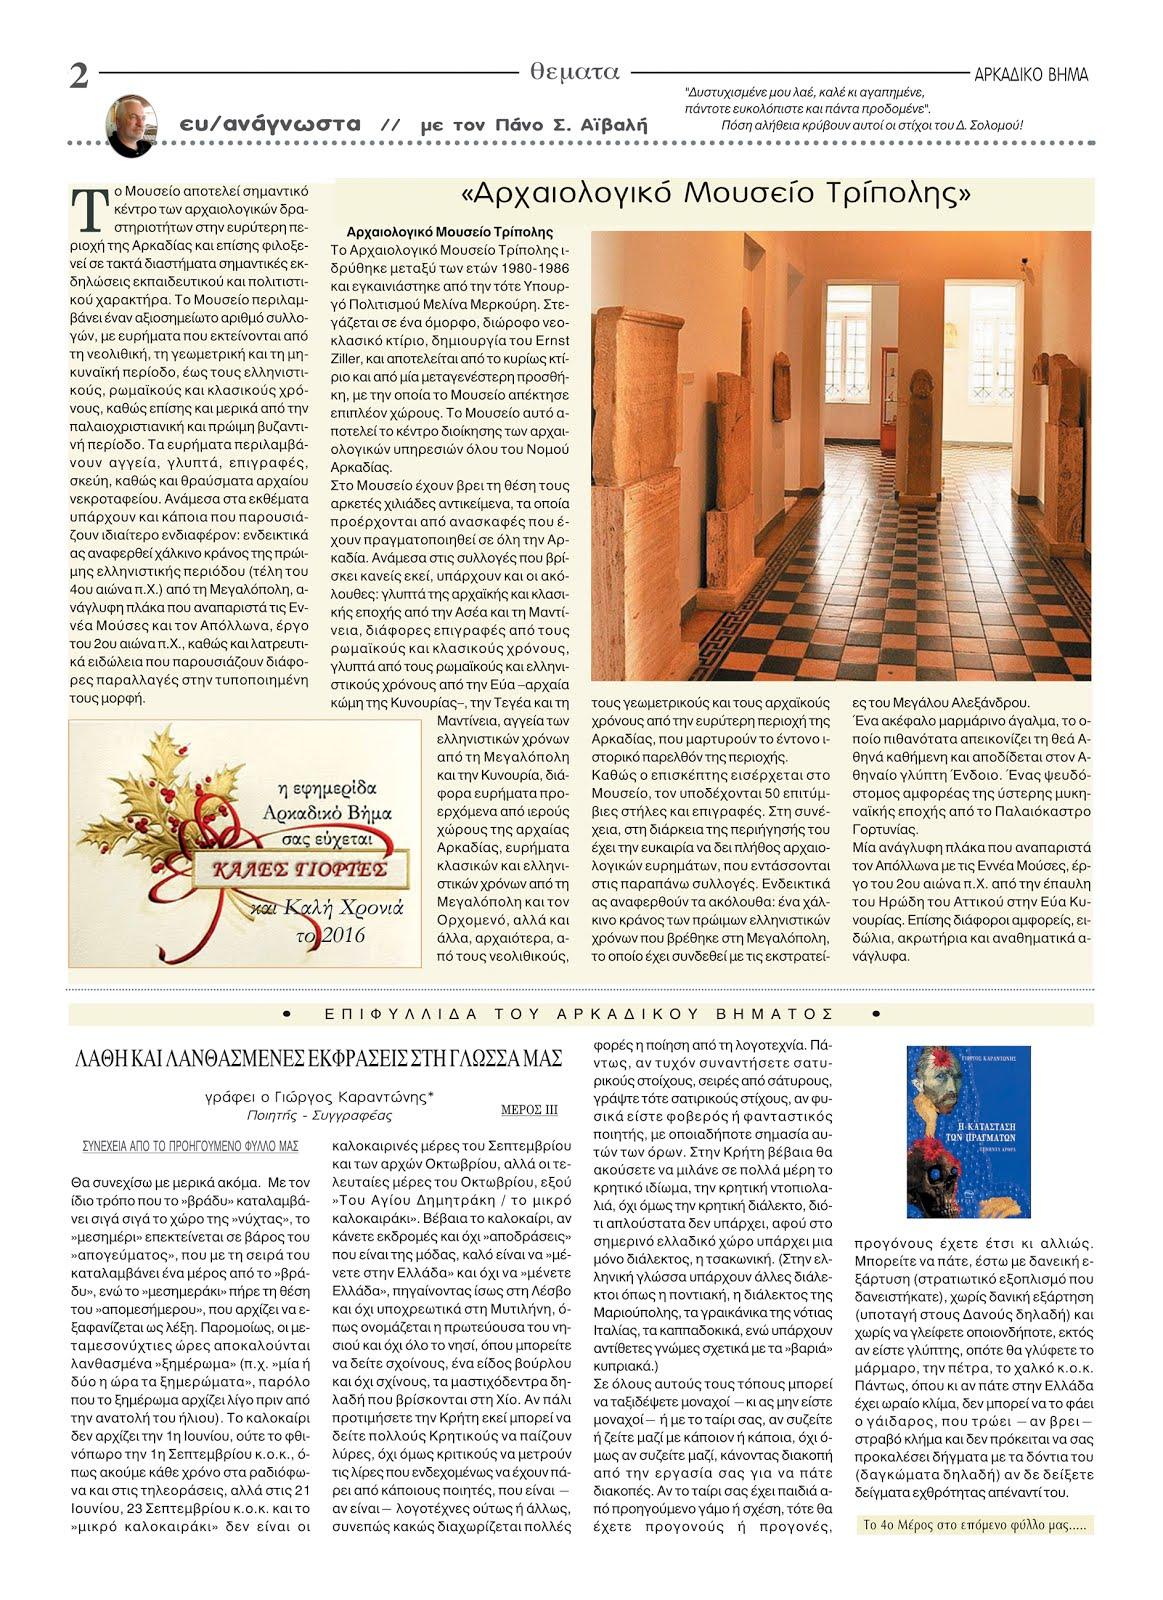 Γνωριμία με το Αρχαιολογικό Μουσείο Τρίπολης